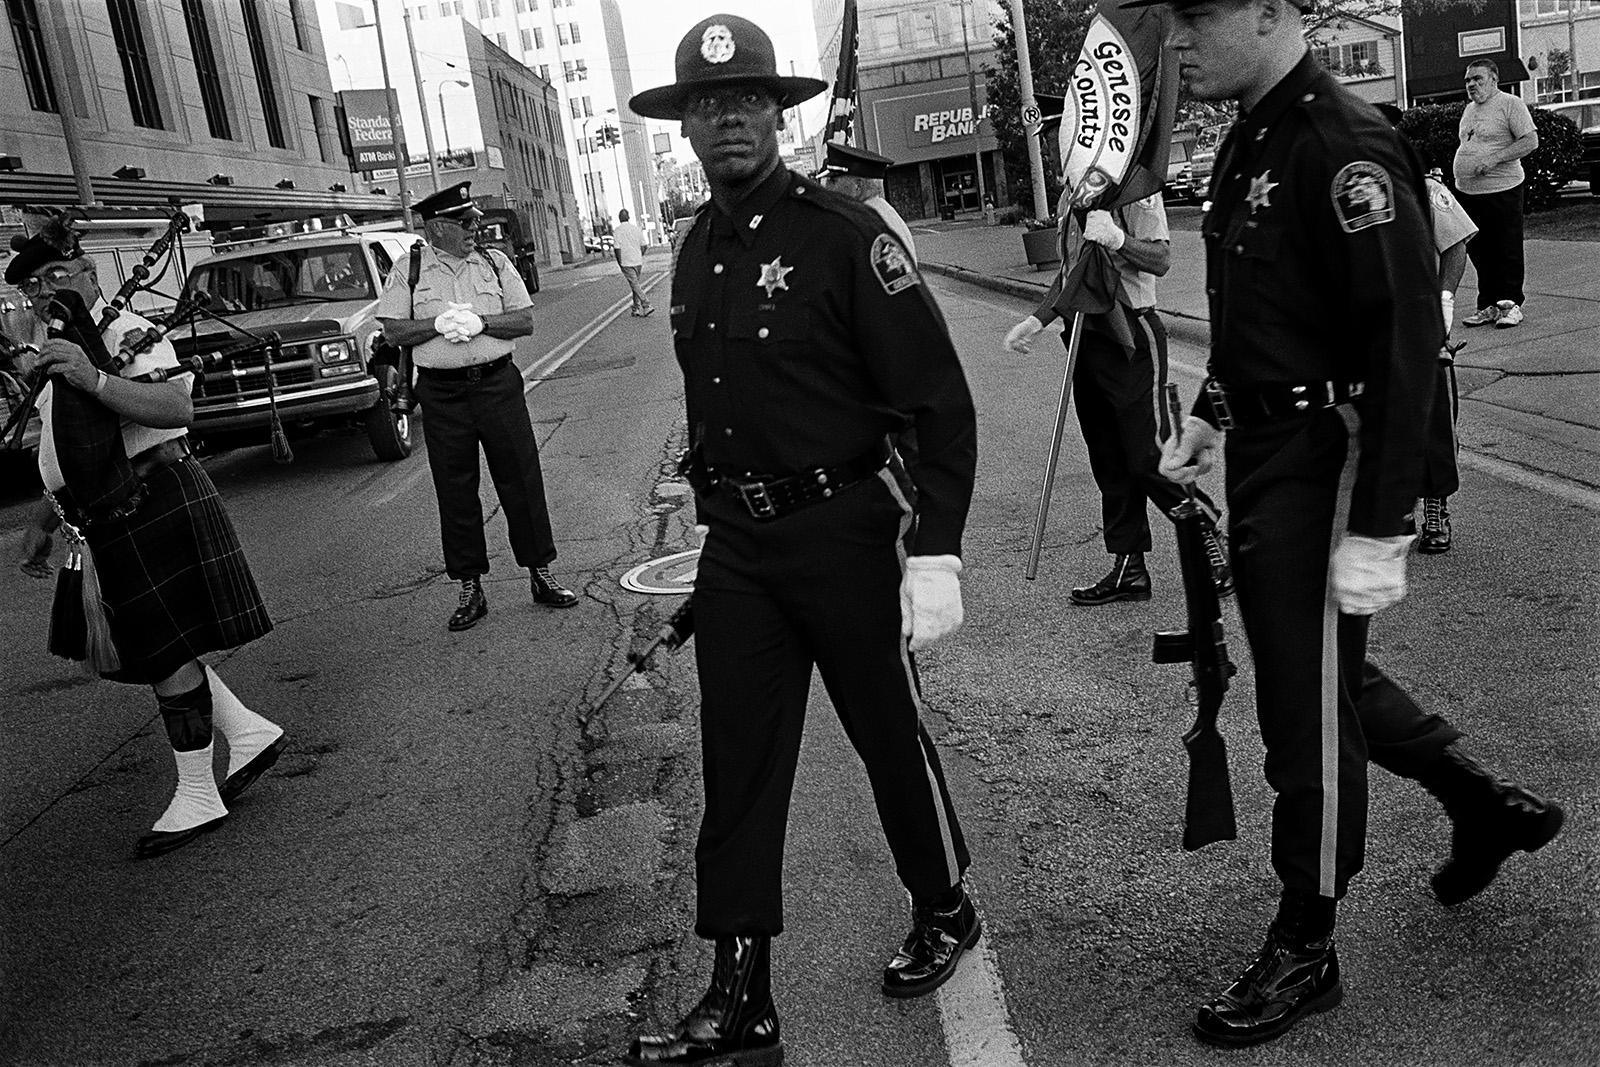 9/11 Memorial Parade, Flint, 2003